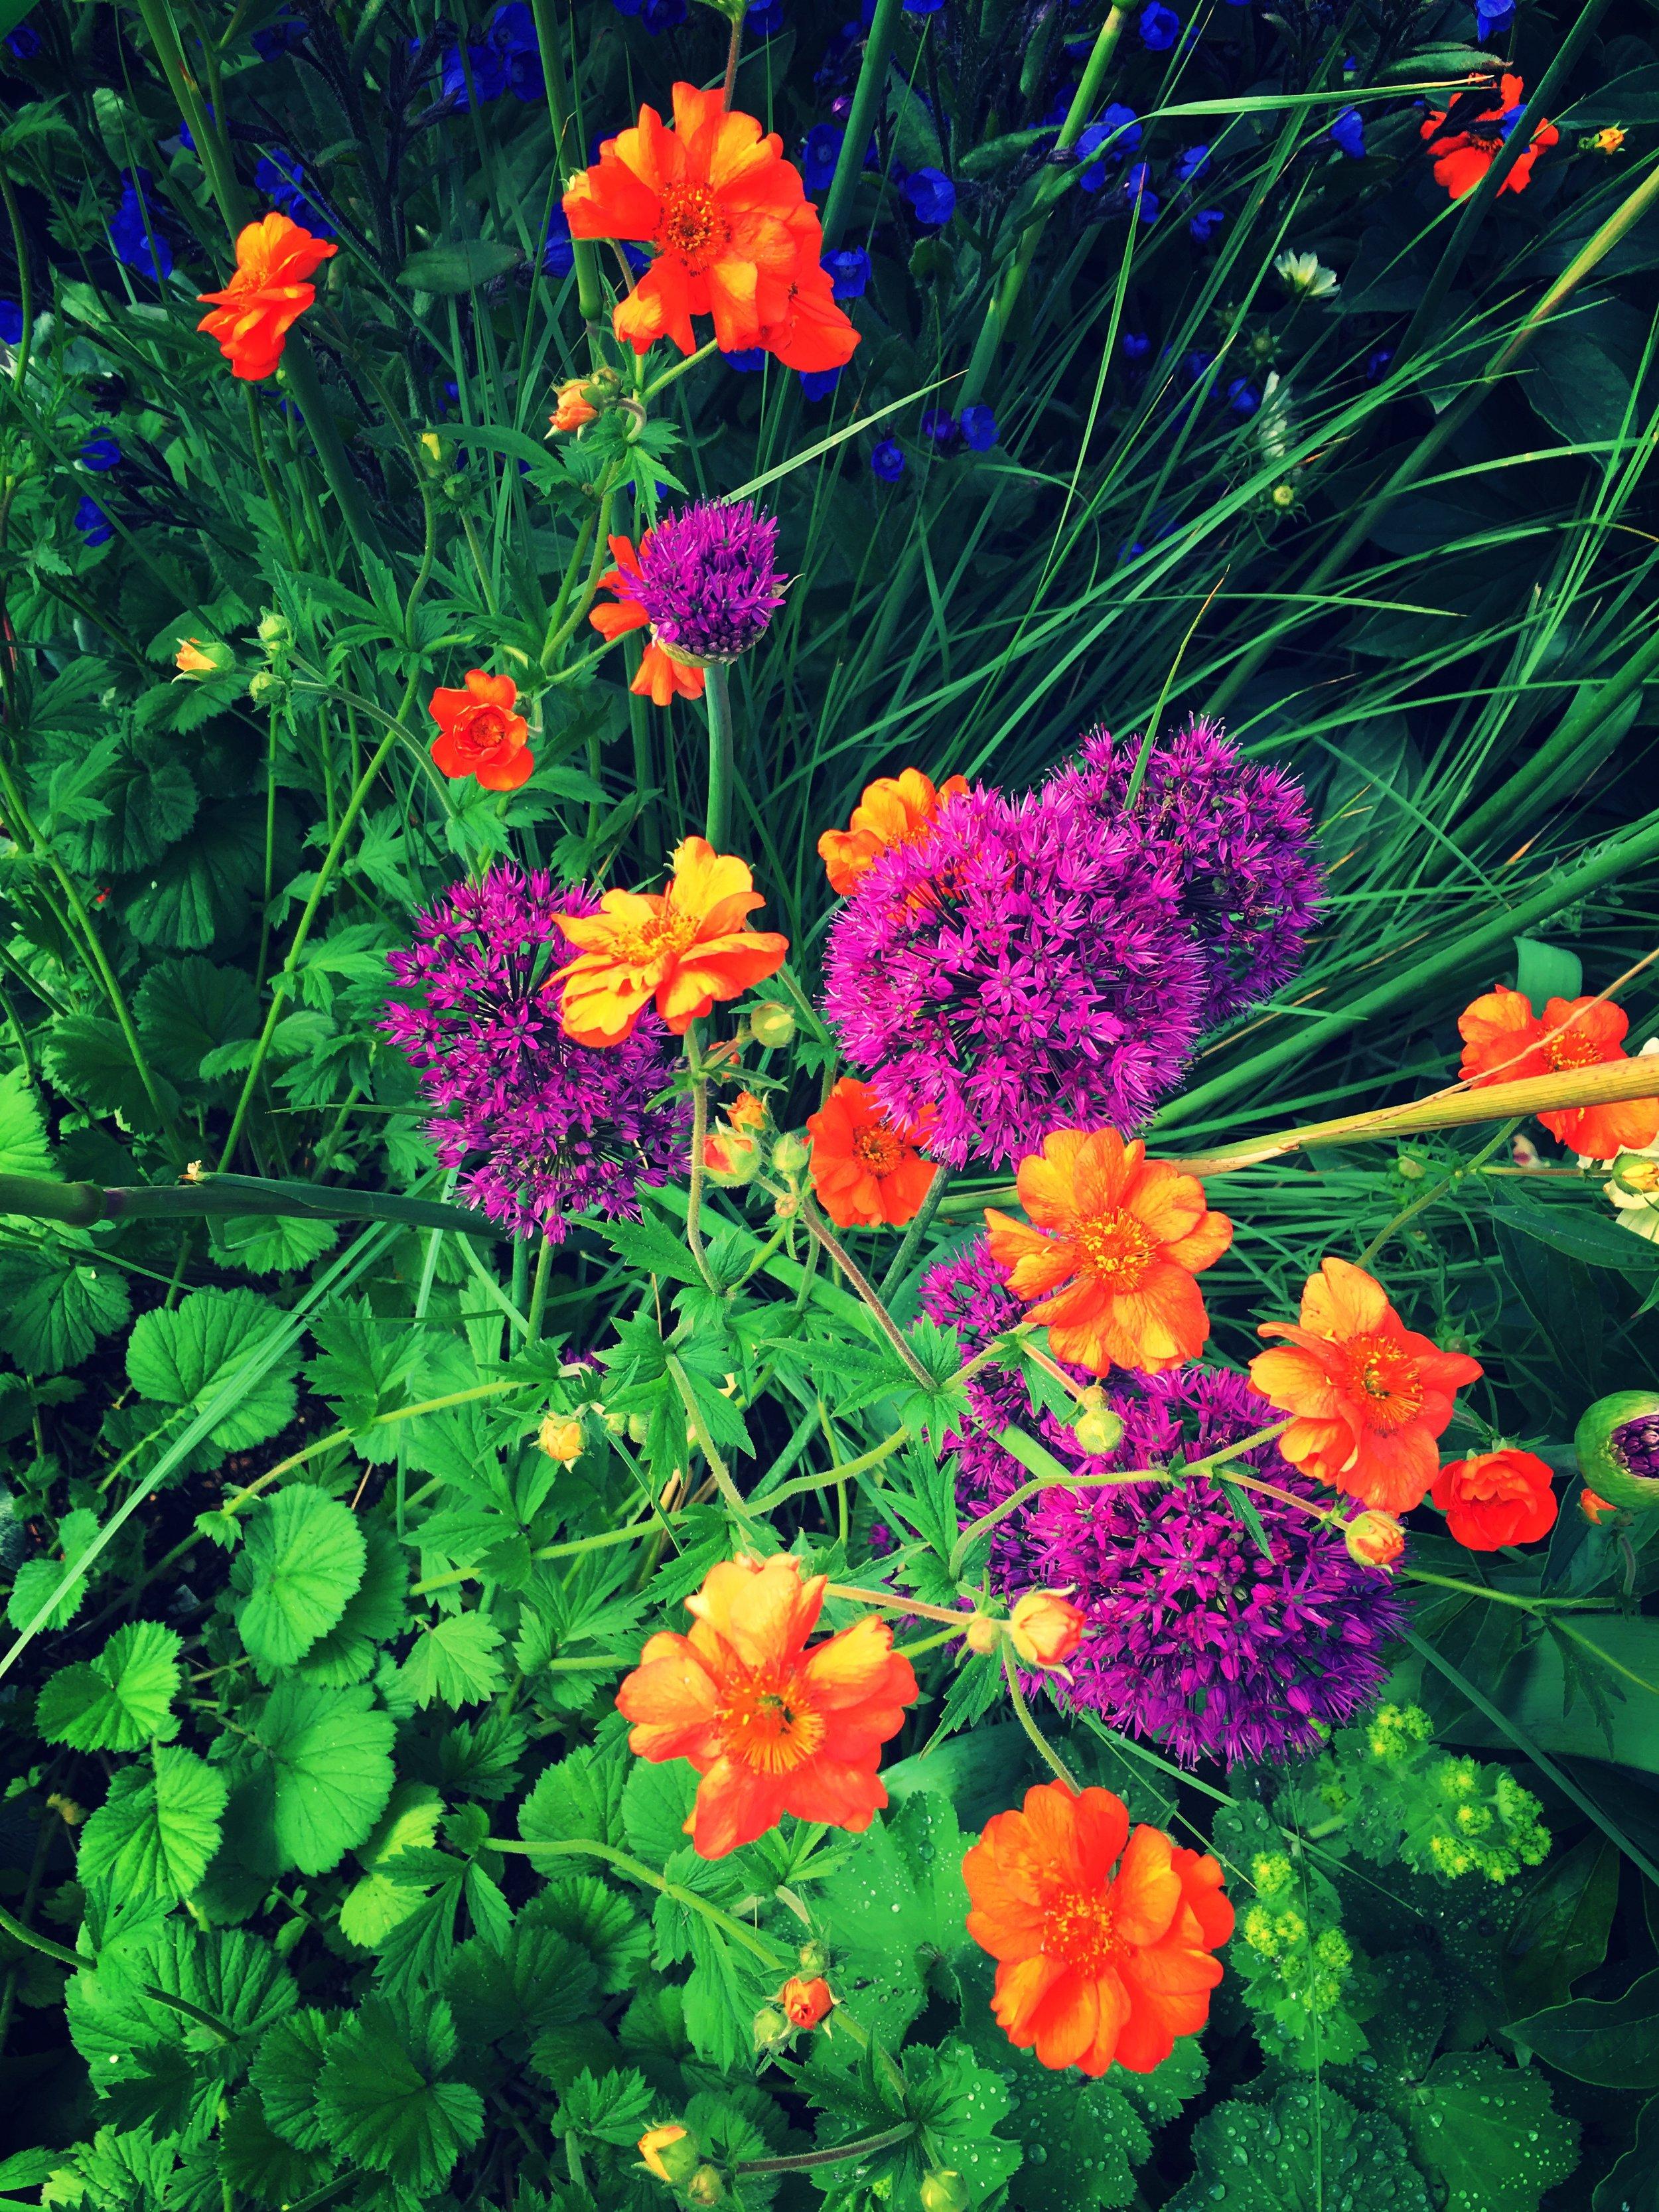 Geum 'Totally Tangerine' with Allium 'Purple Sensation'